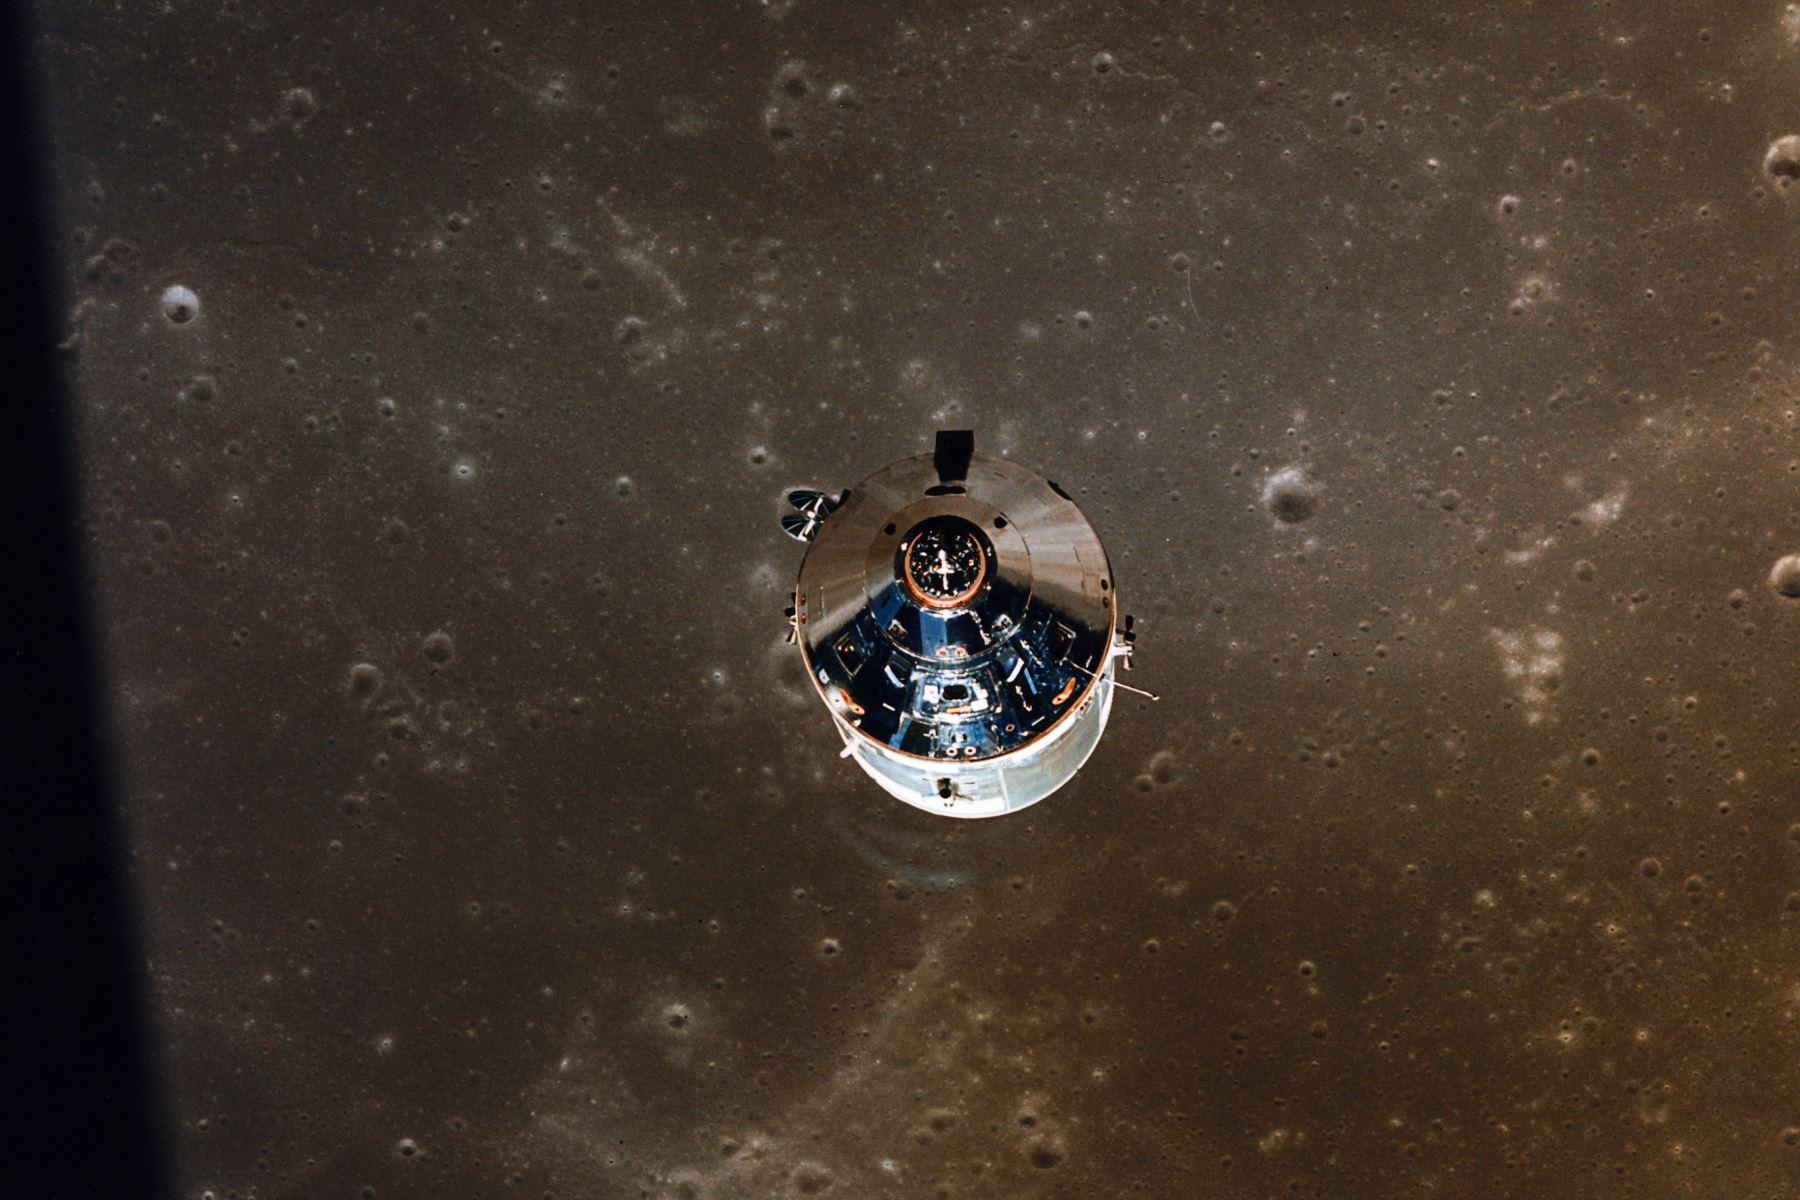 Foto tomada por el módulo lunar (LM) de los módulos de comando y servicio del apolo XI en órbita lunar durante la misión de aterrizaje.Foto: AFP